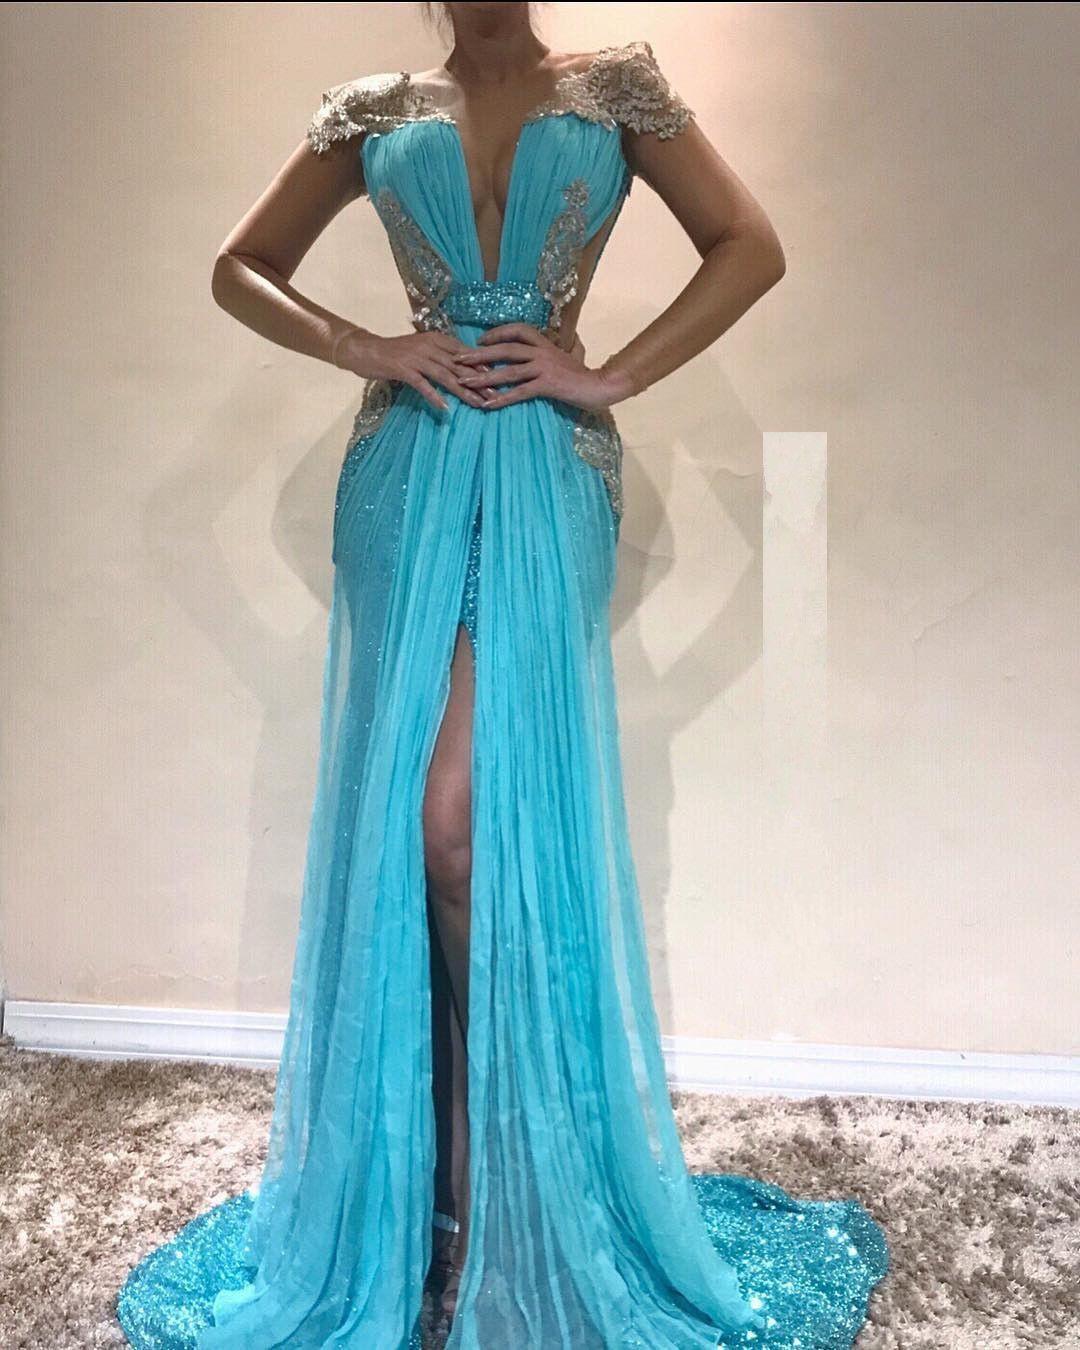 Formal Einfach Blaues Abendkleid Ärmel20 Genial Blaues Abendkleid Design